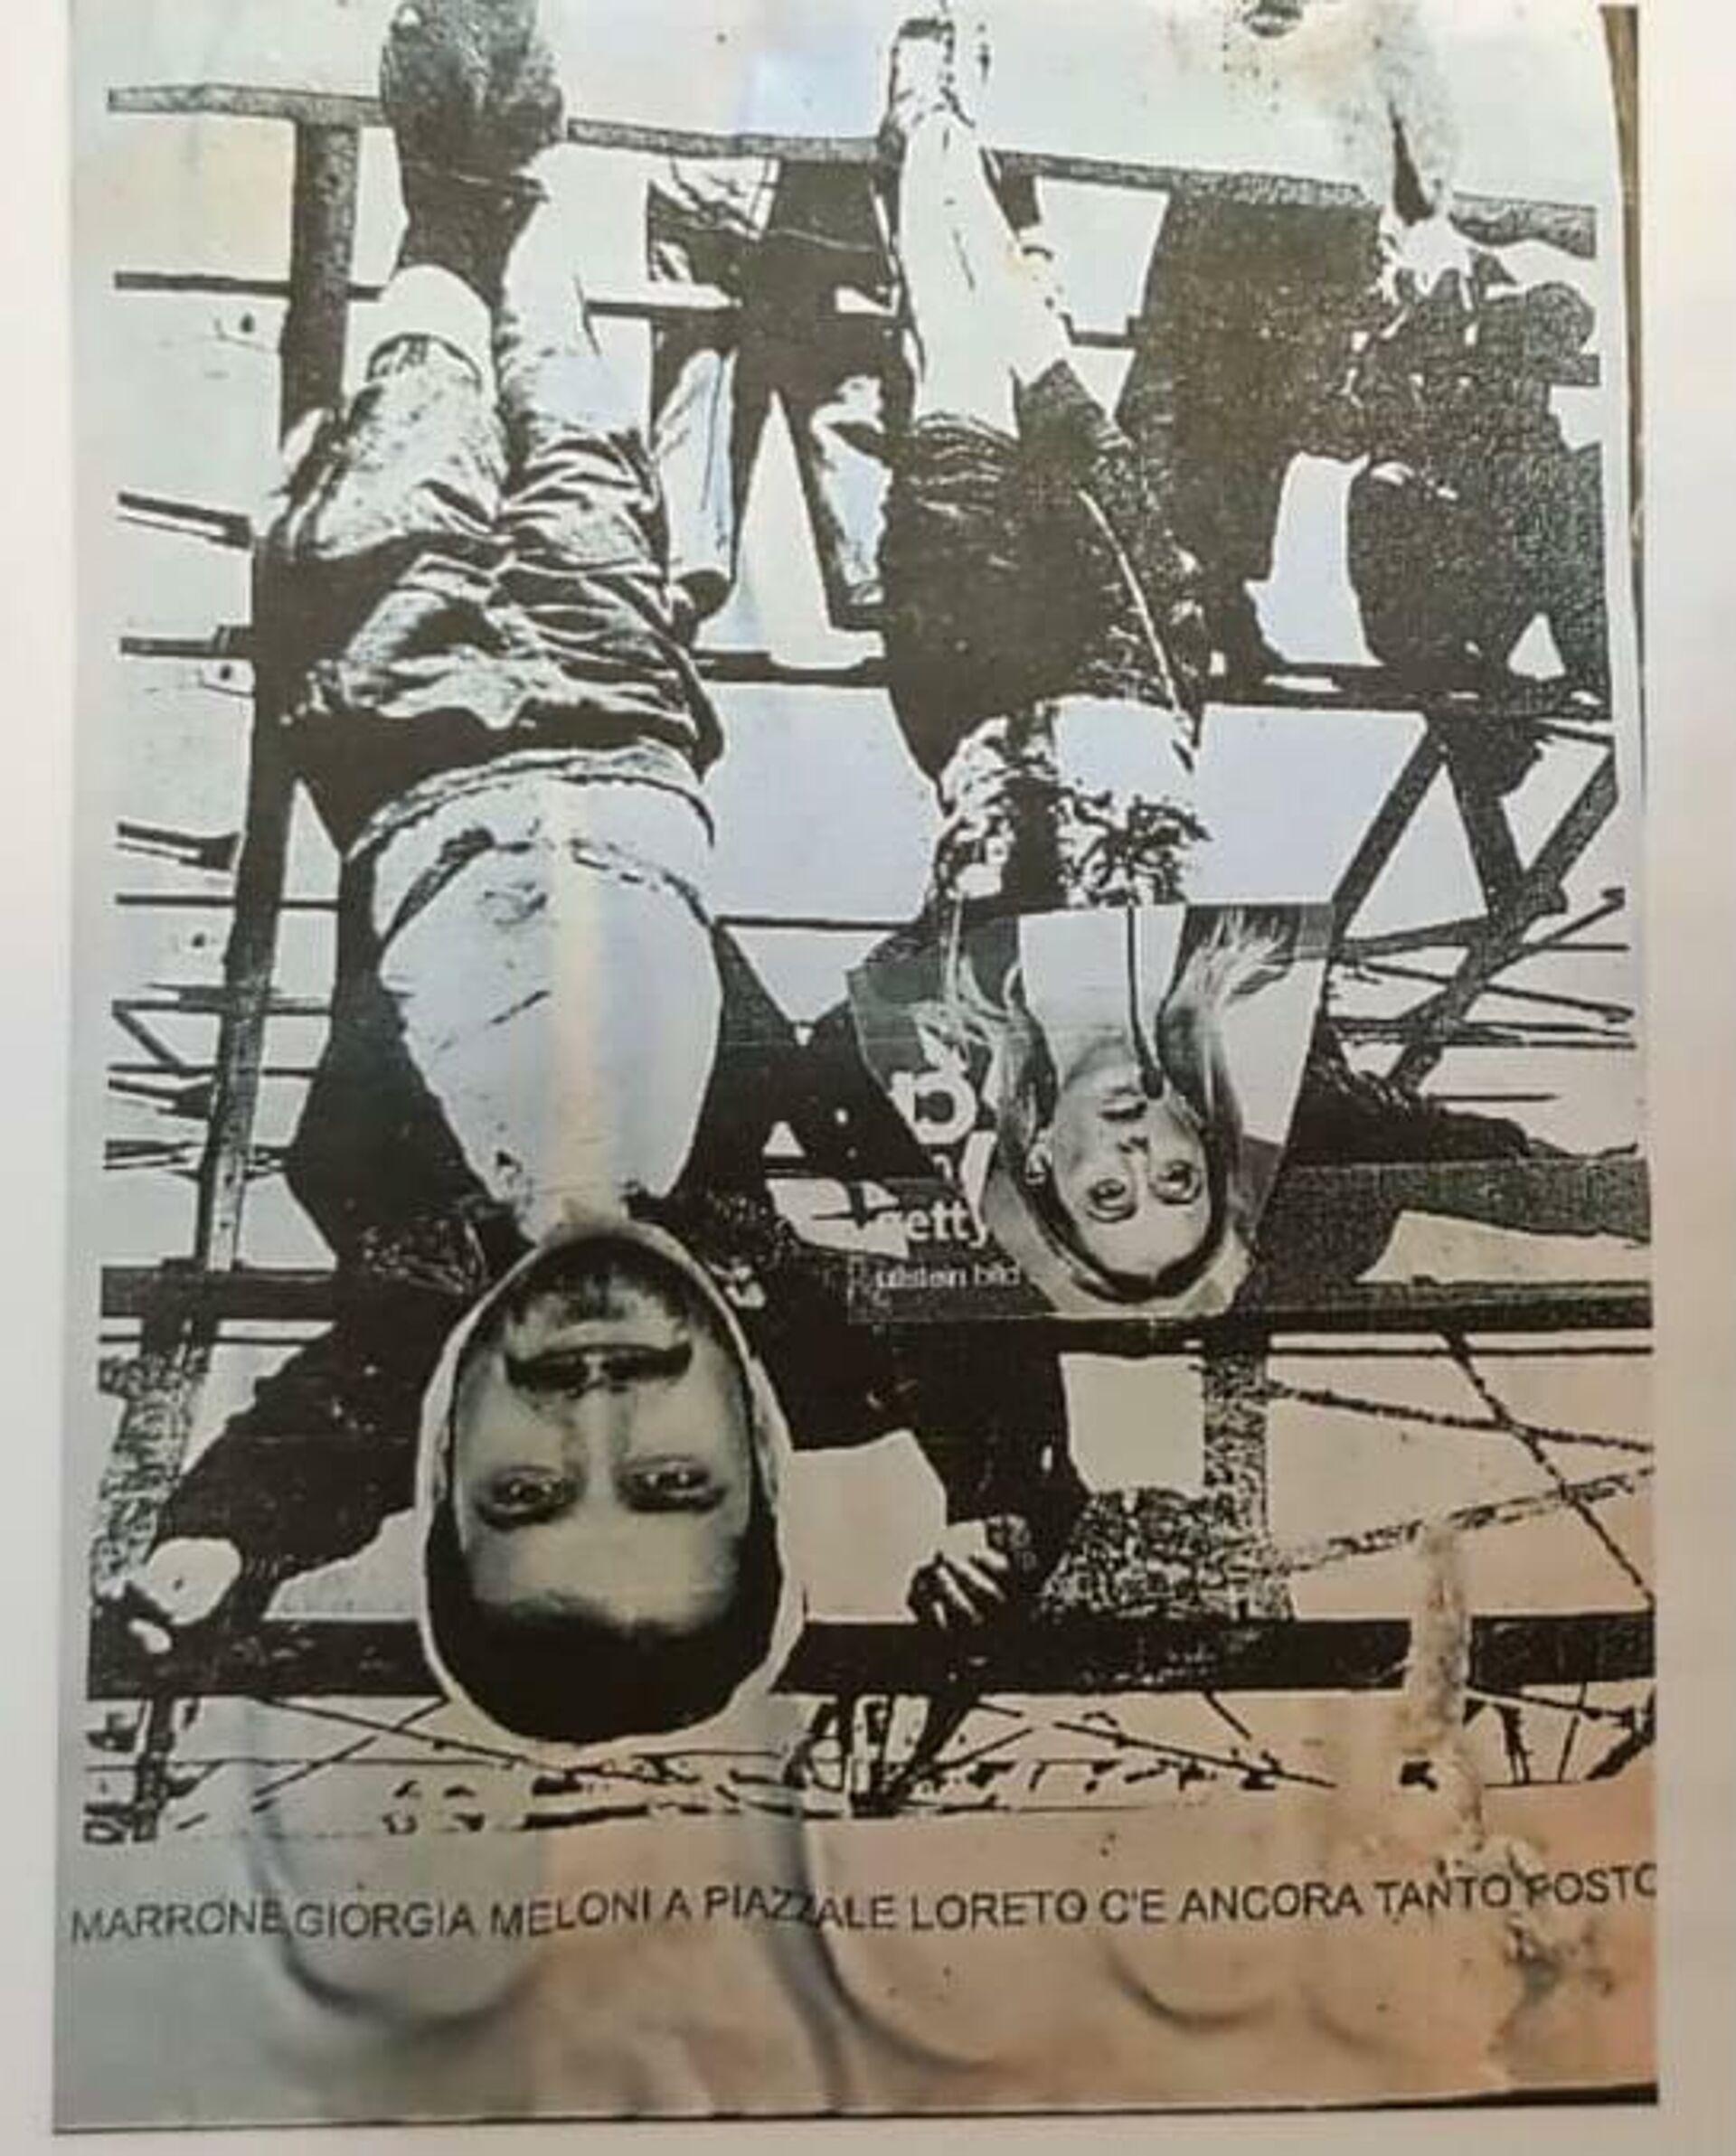 I manifesti provocatori affissi a Torino contro Marrone e Meloni - Sputnik Italia, 1920, 05.07.2021